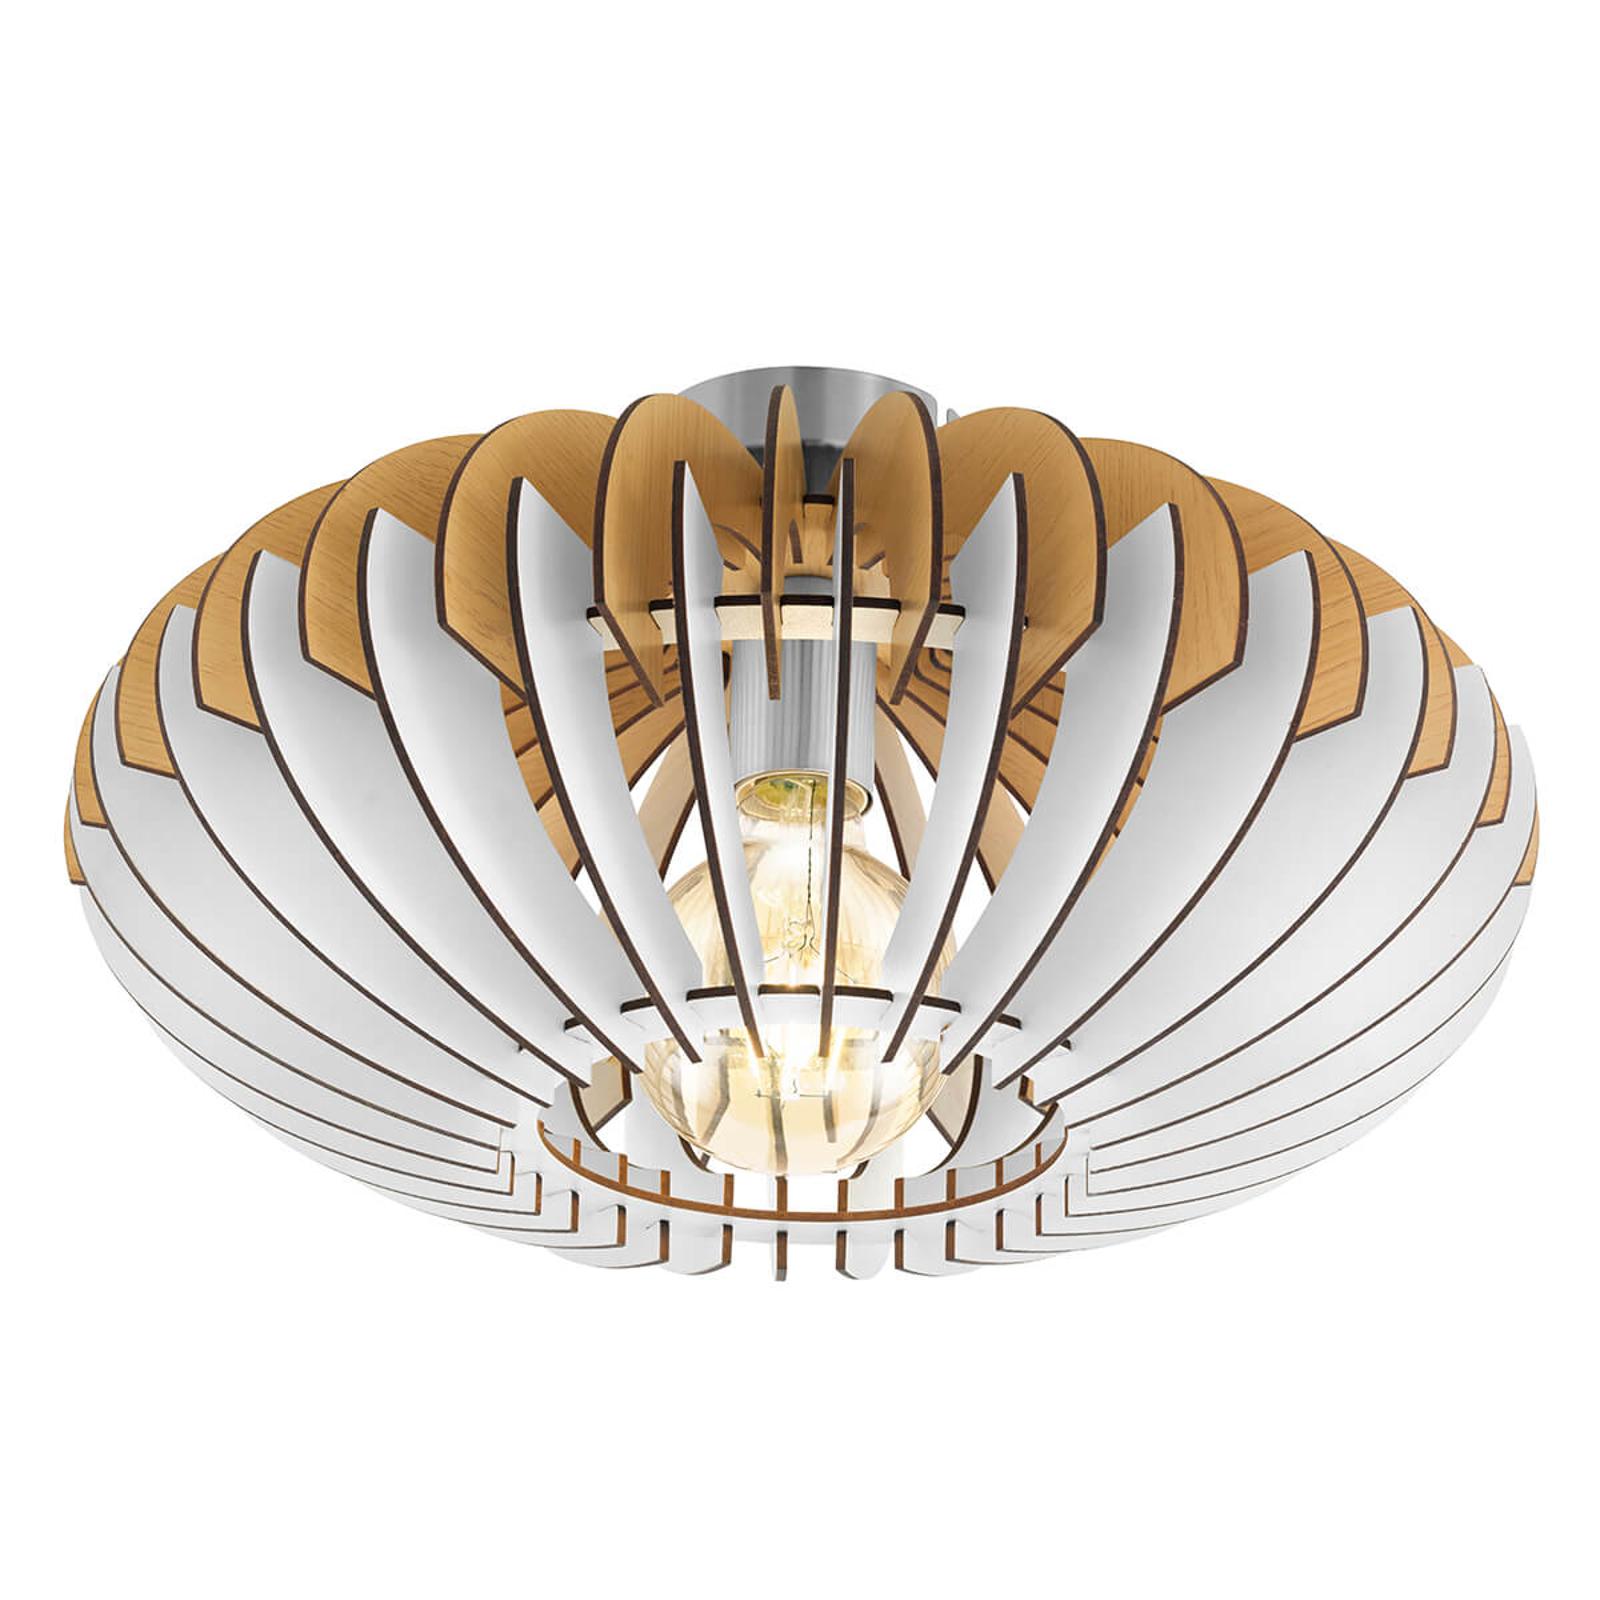 Sotos - eine Deckenlampe mit skandinavischem Flair